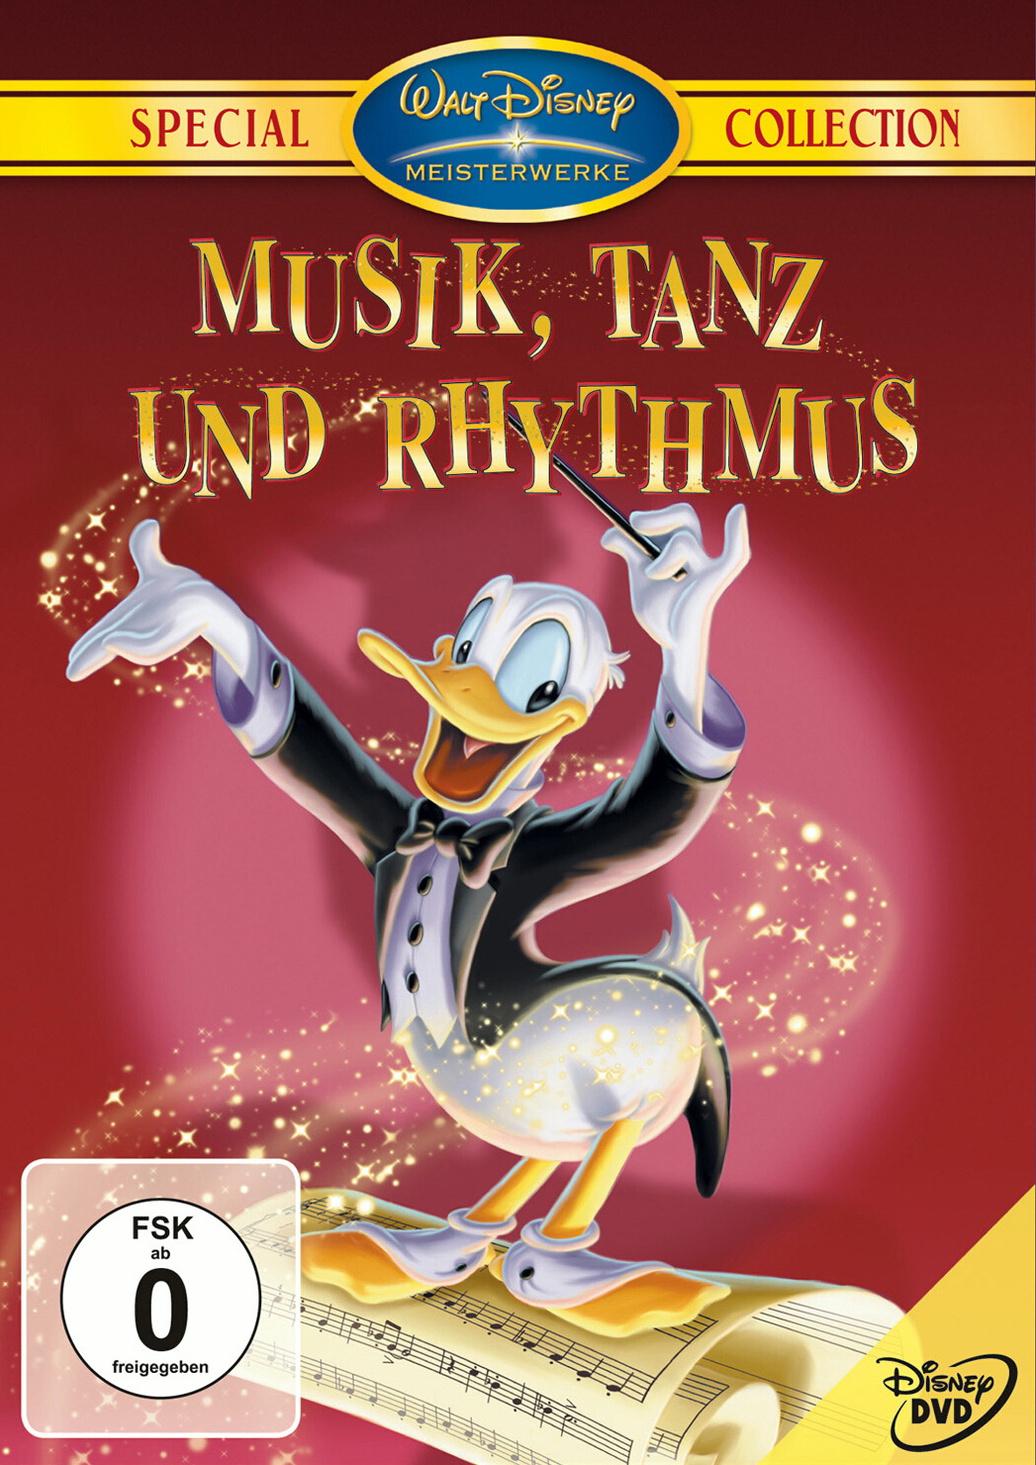 Disney´s Musik, Tanz und Rhythmus Special Colle...